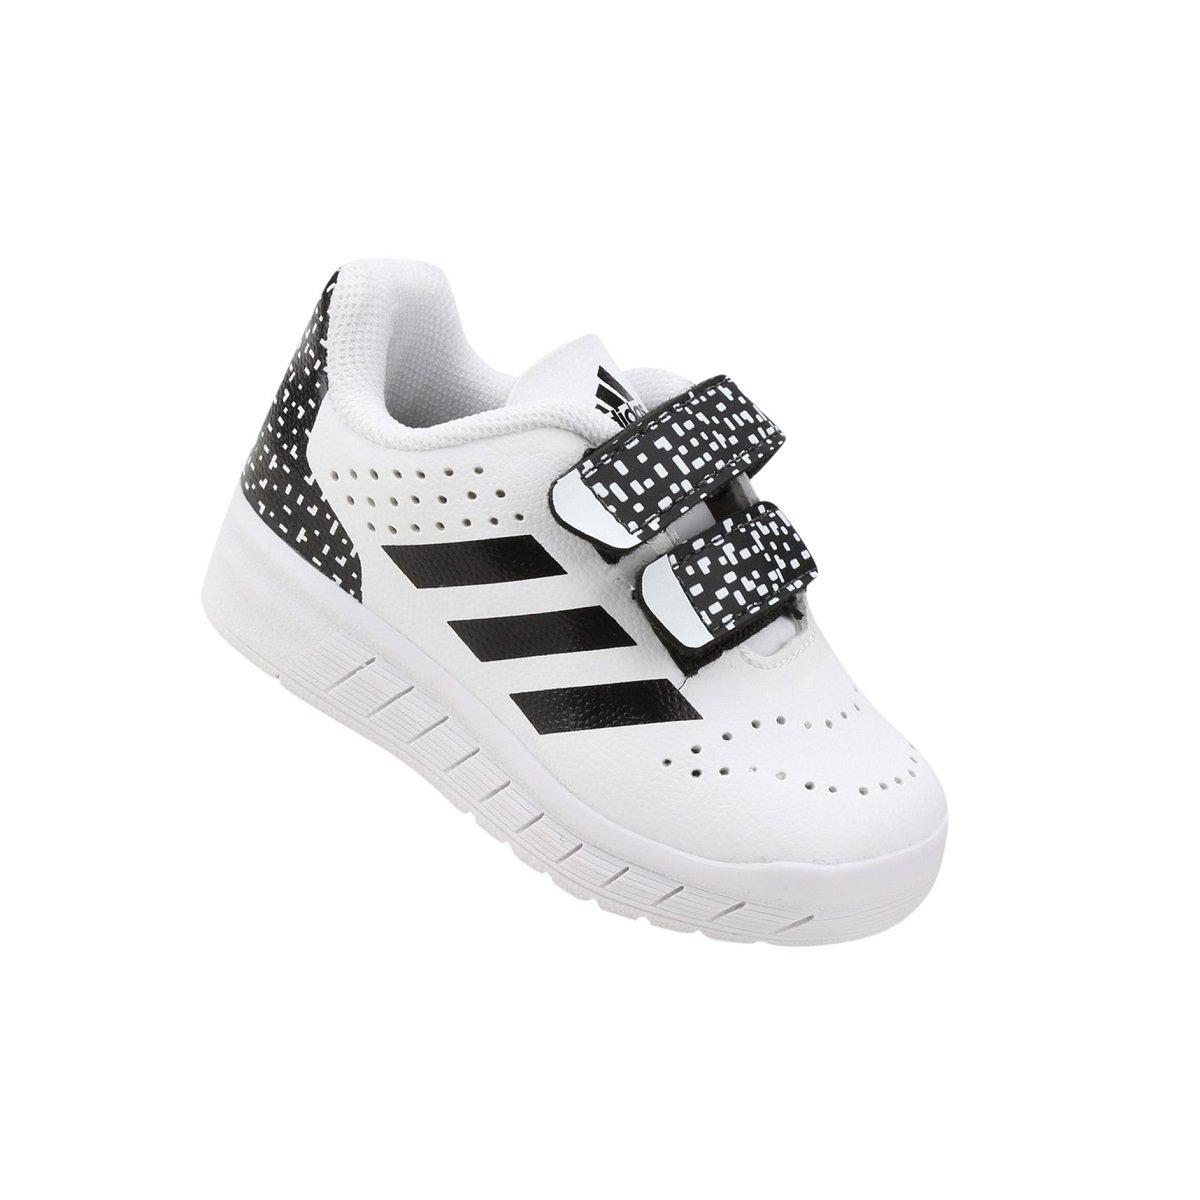 Amplie a imagem. Tênis Infantil Adidas Quicksport CF 1  Tênis Infantil  Adidas Quicksport CF 1  Tênis Infantil ... 8aff6aa9853